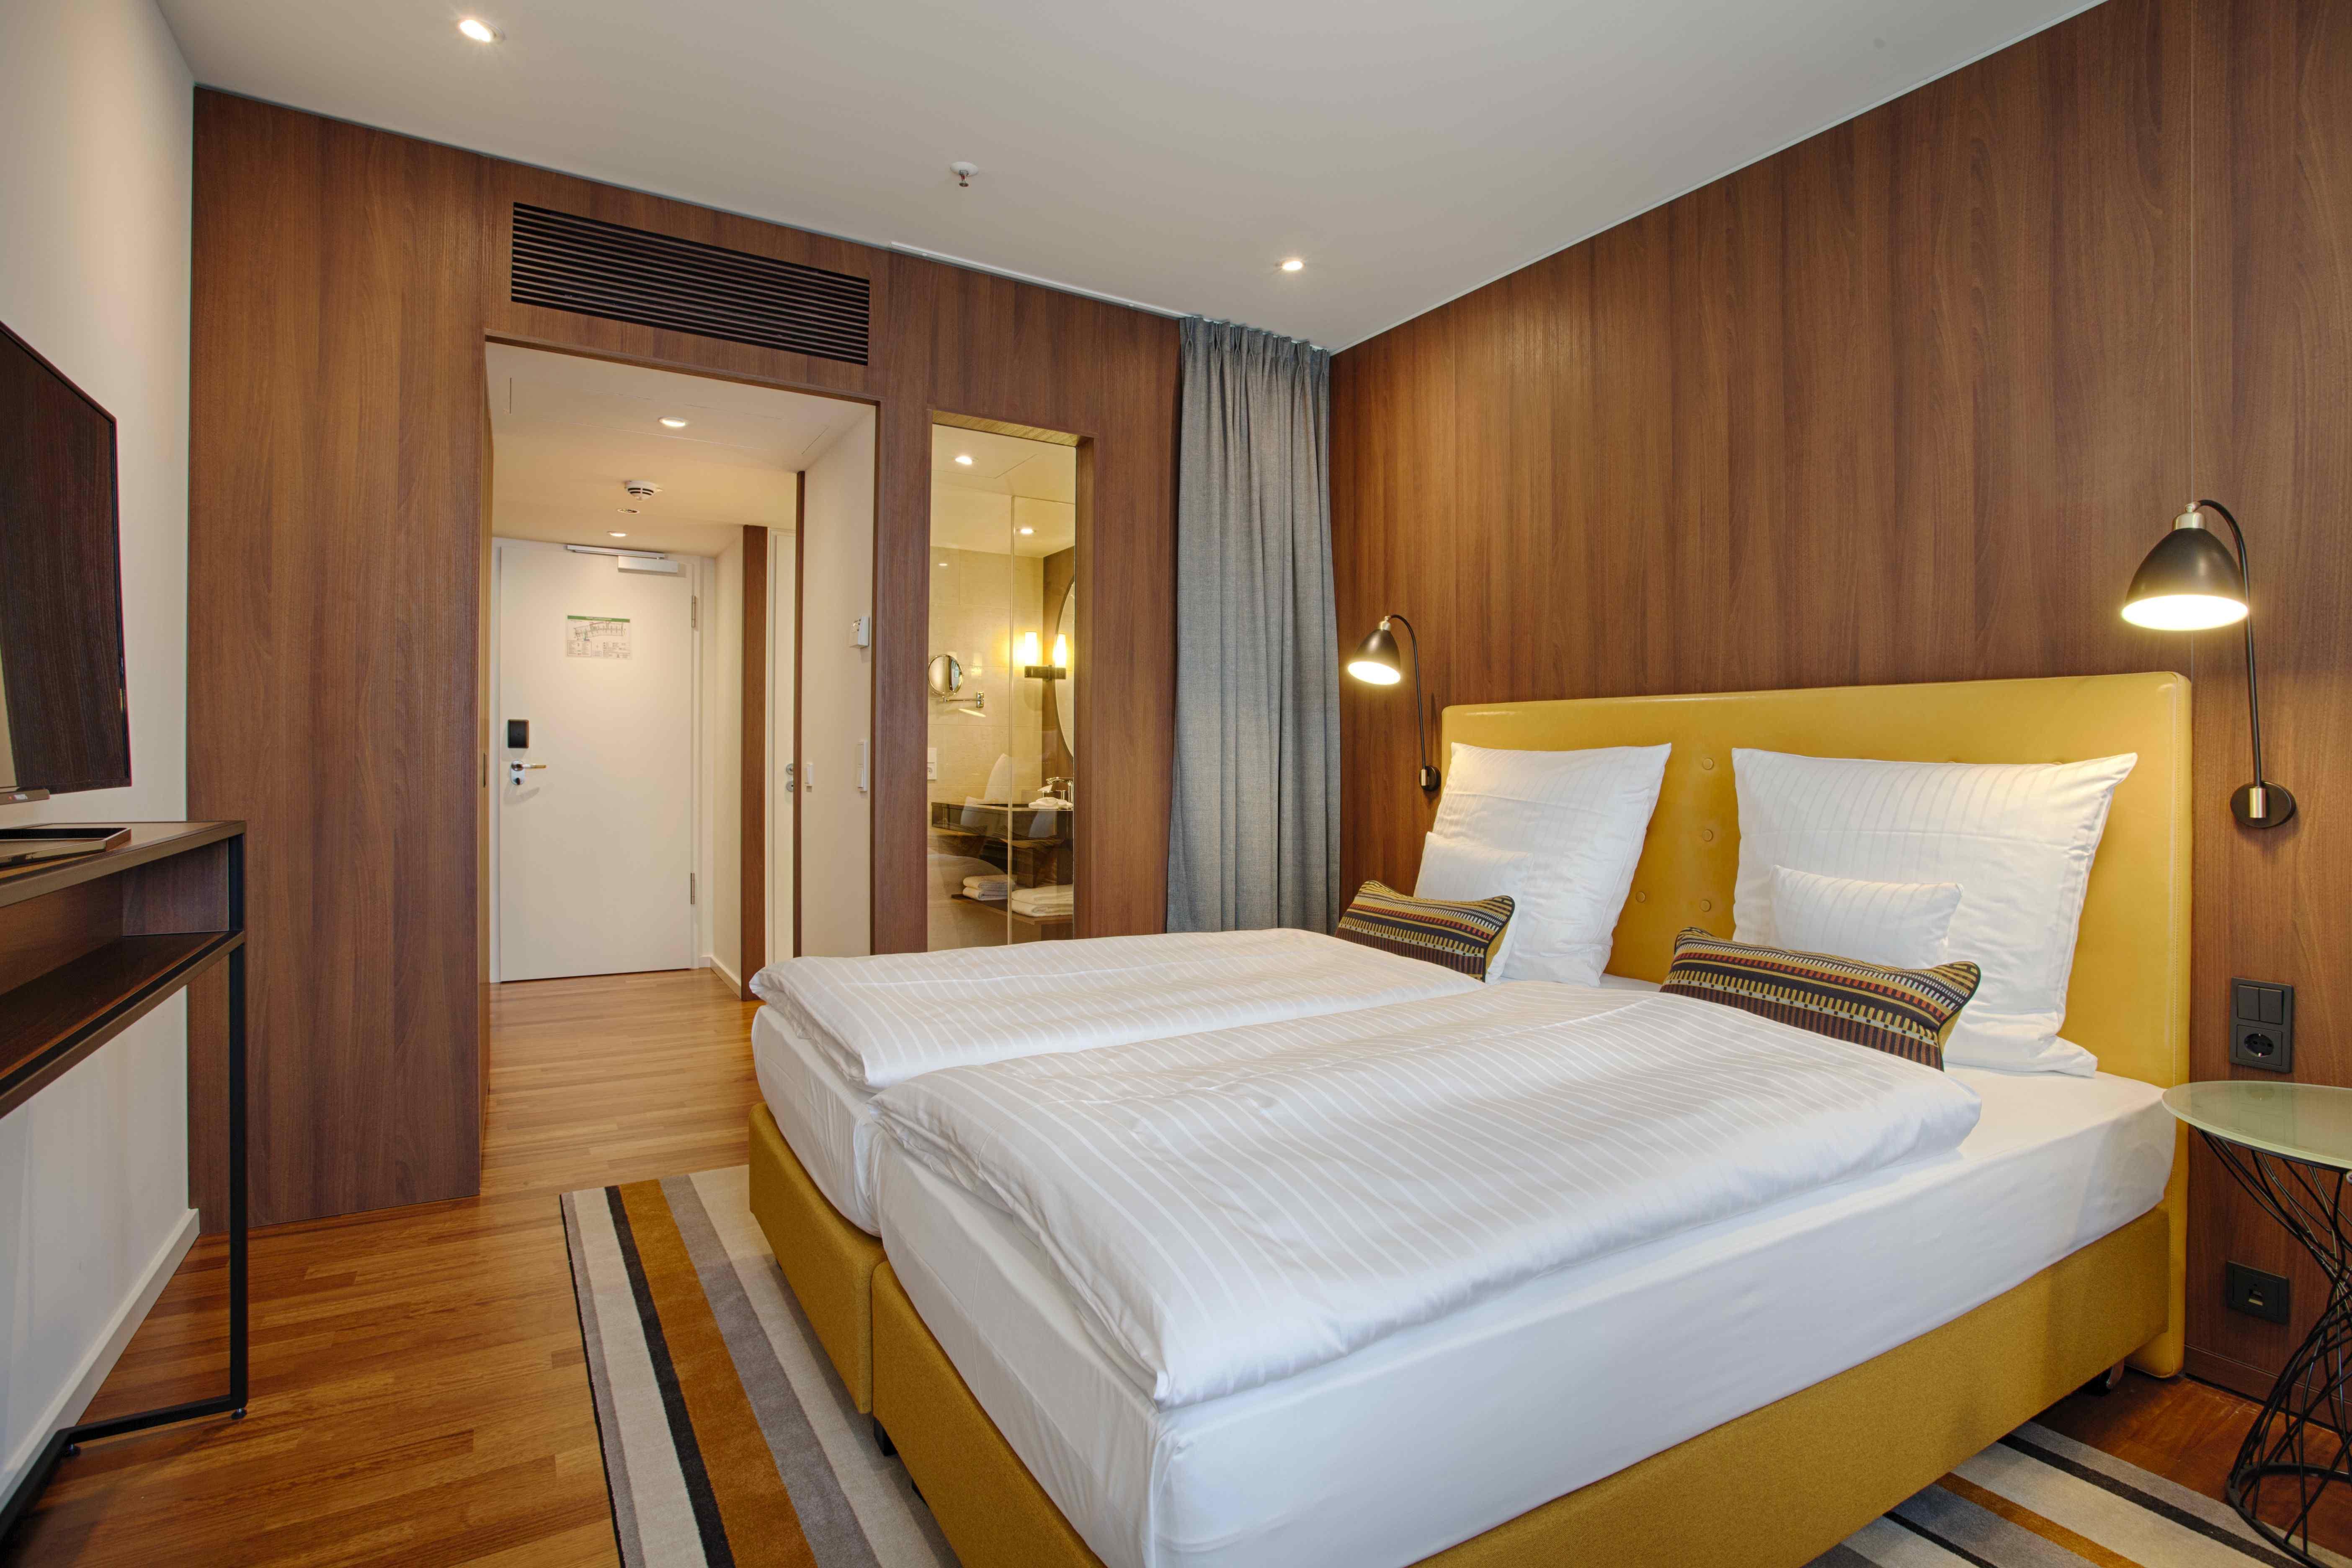 Neueröffnung in Hamburg – das Ameron Hotel Speicherstadt